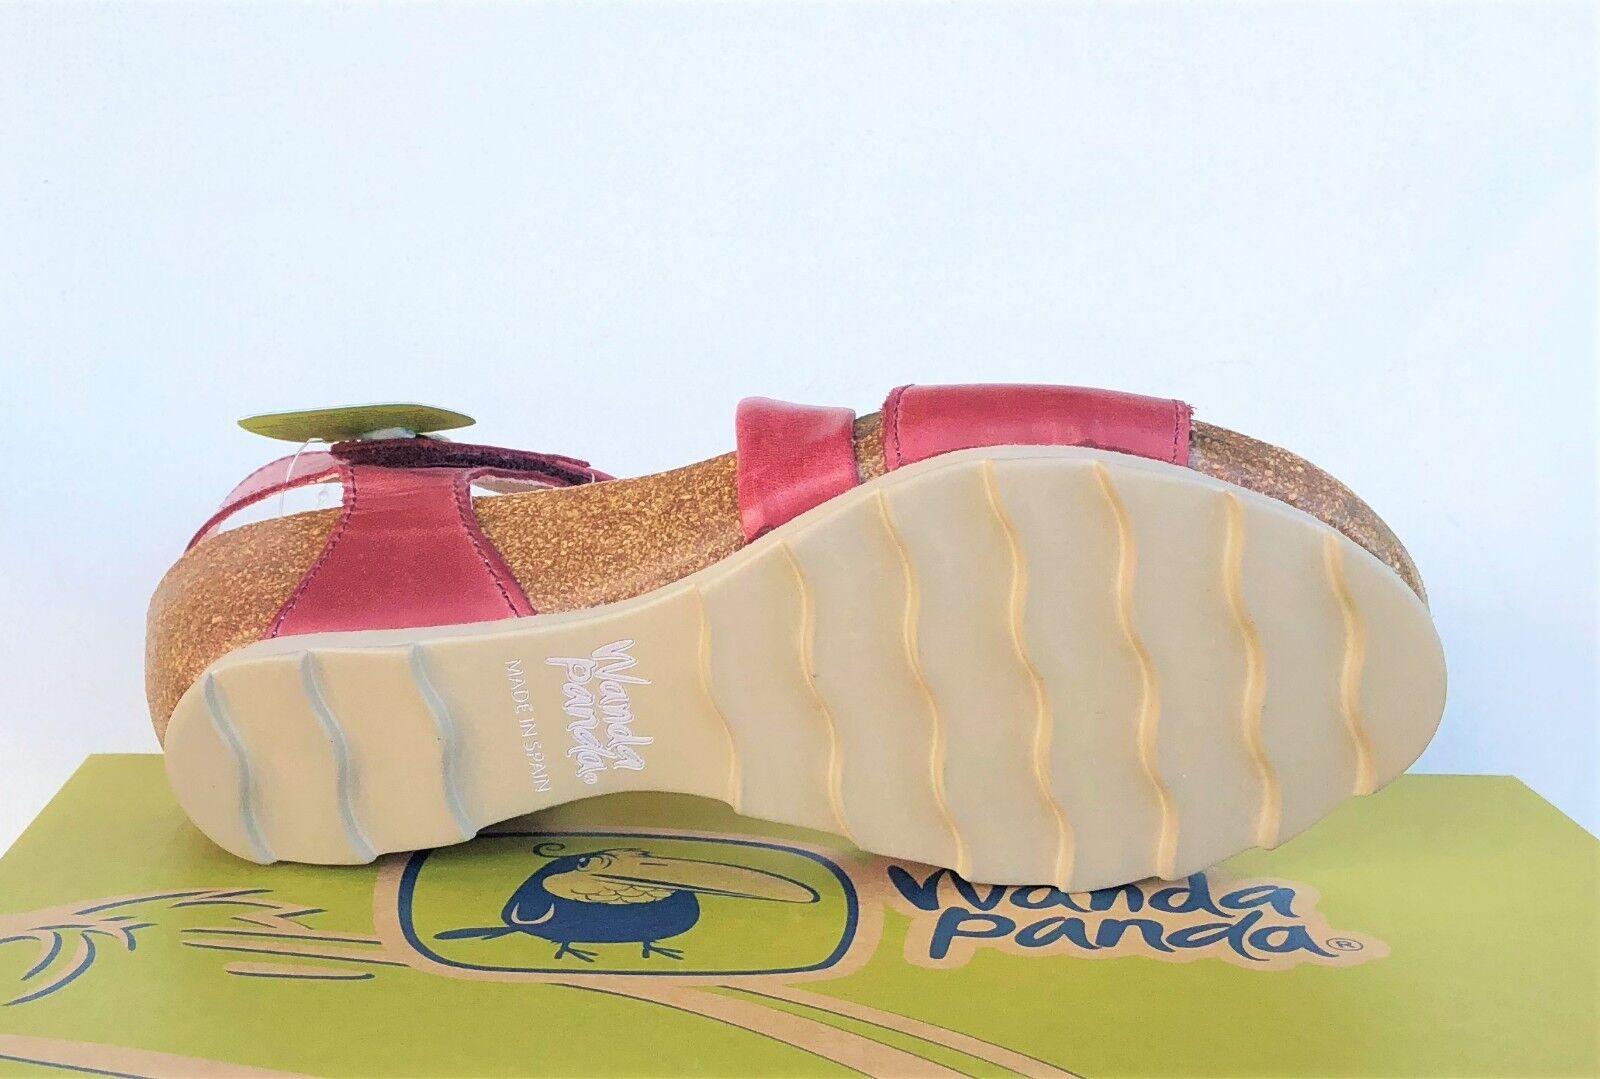 Comfort Sandales Leder. - Wanda Panda Schuhes Made in Spain - Leder. Bilma 2 f42bf0